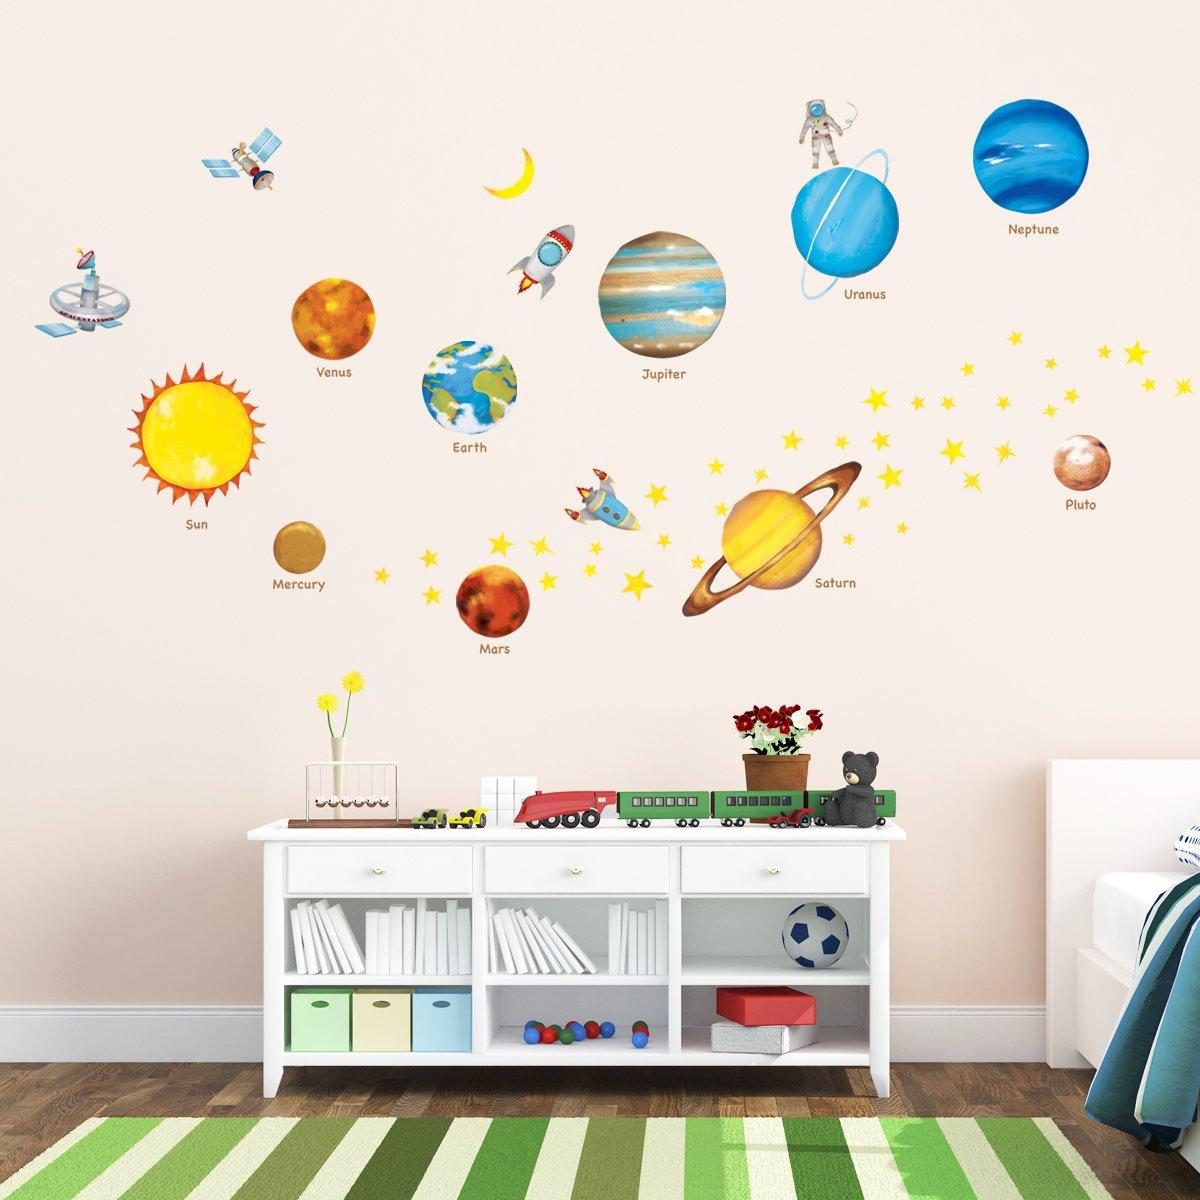 Wandtattoo planeten leuchtend reuniecollegenoetsele - Leuchtende wandtattoos ...